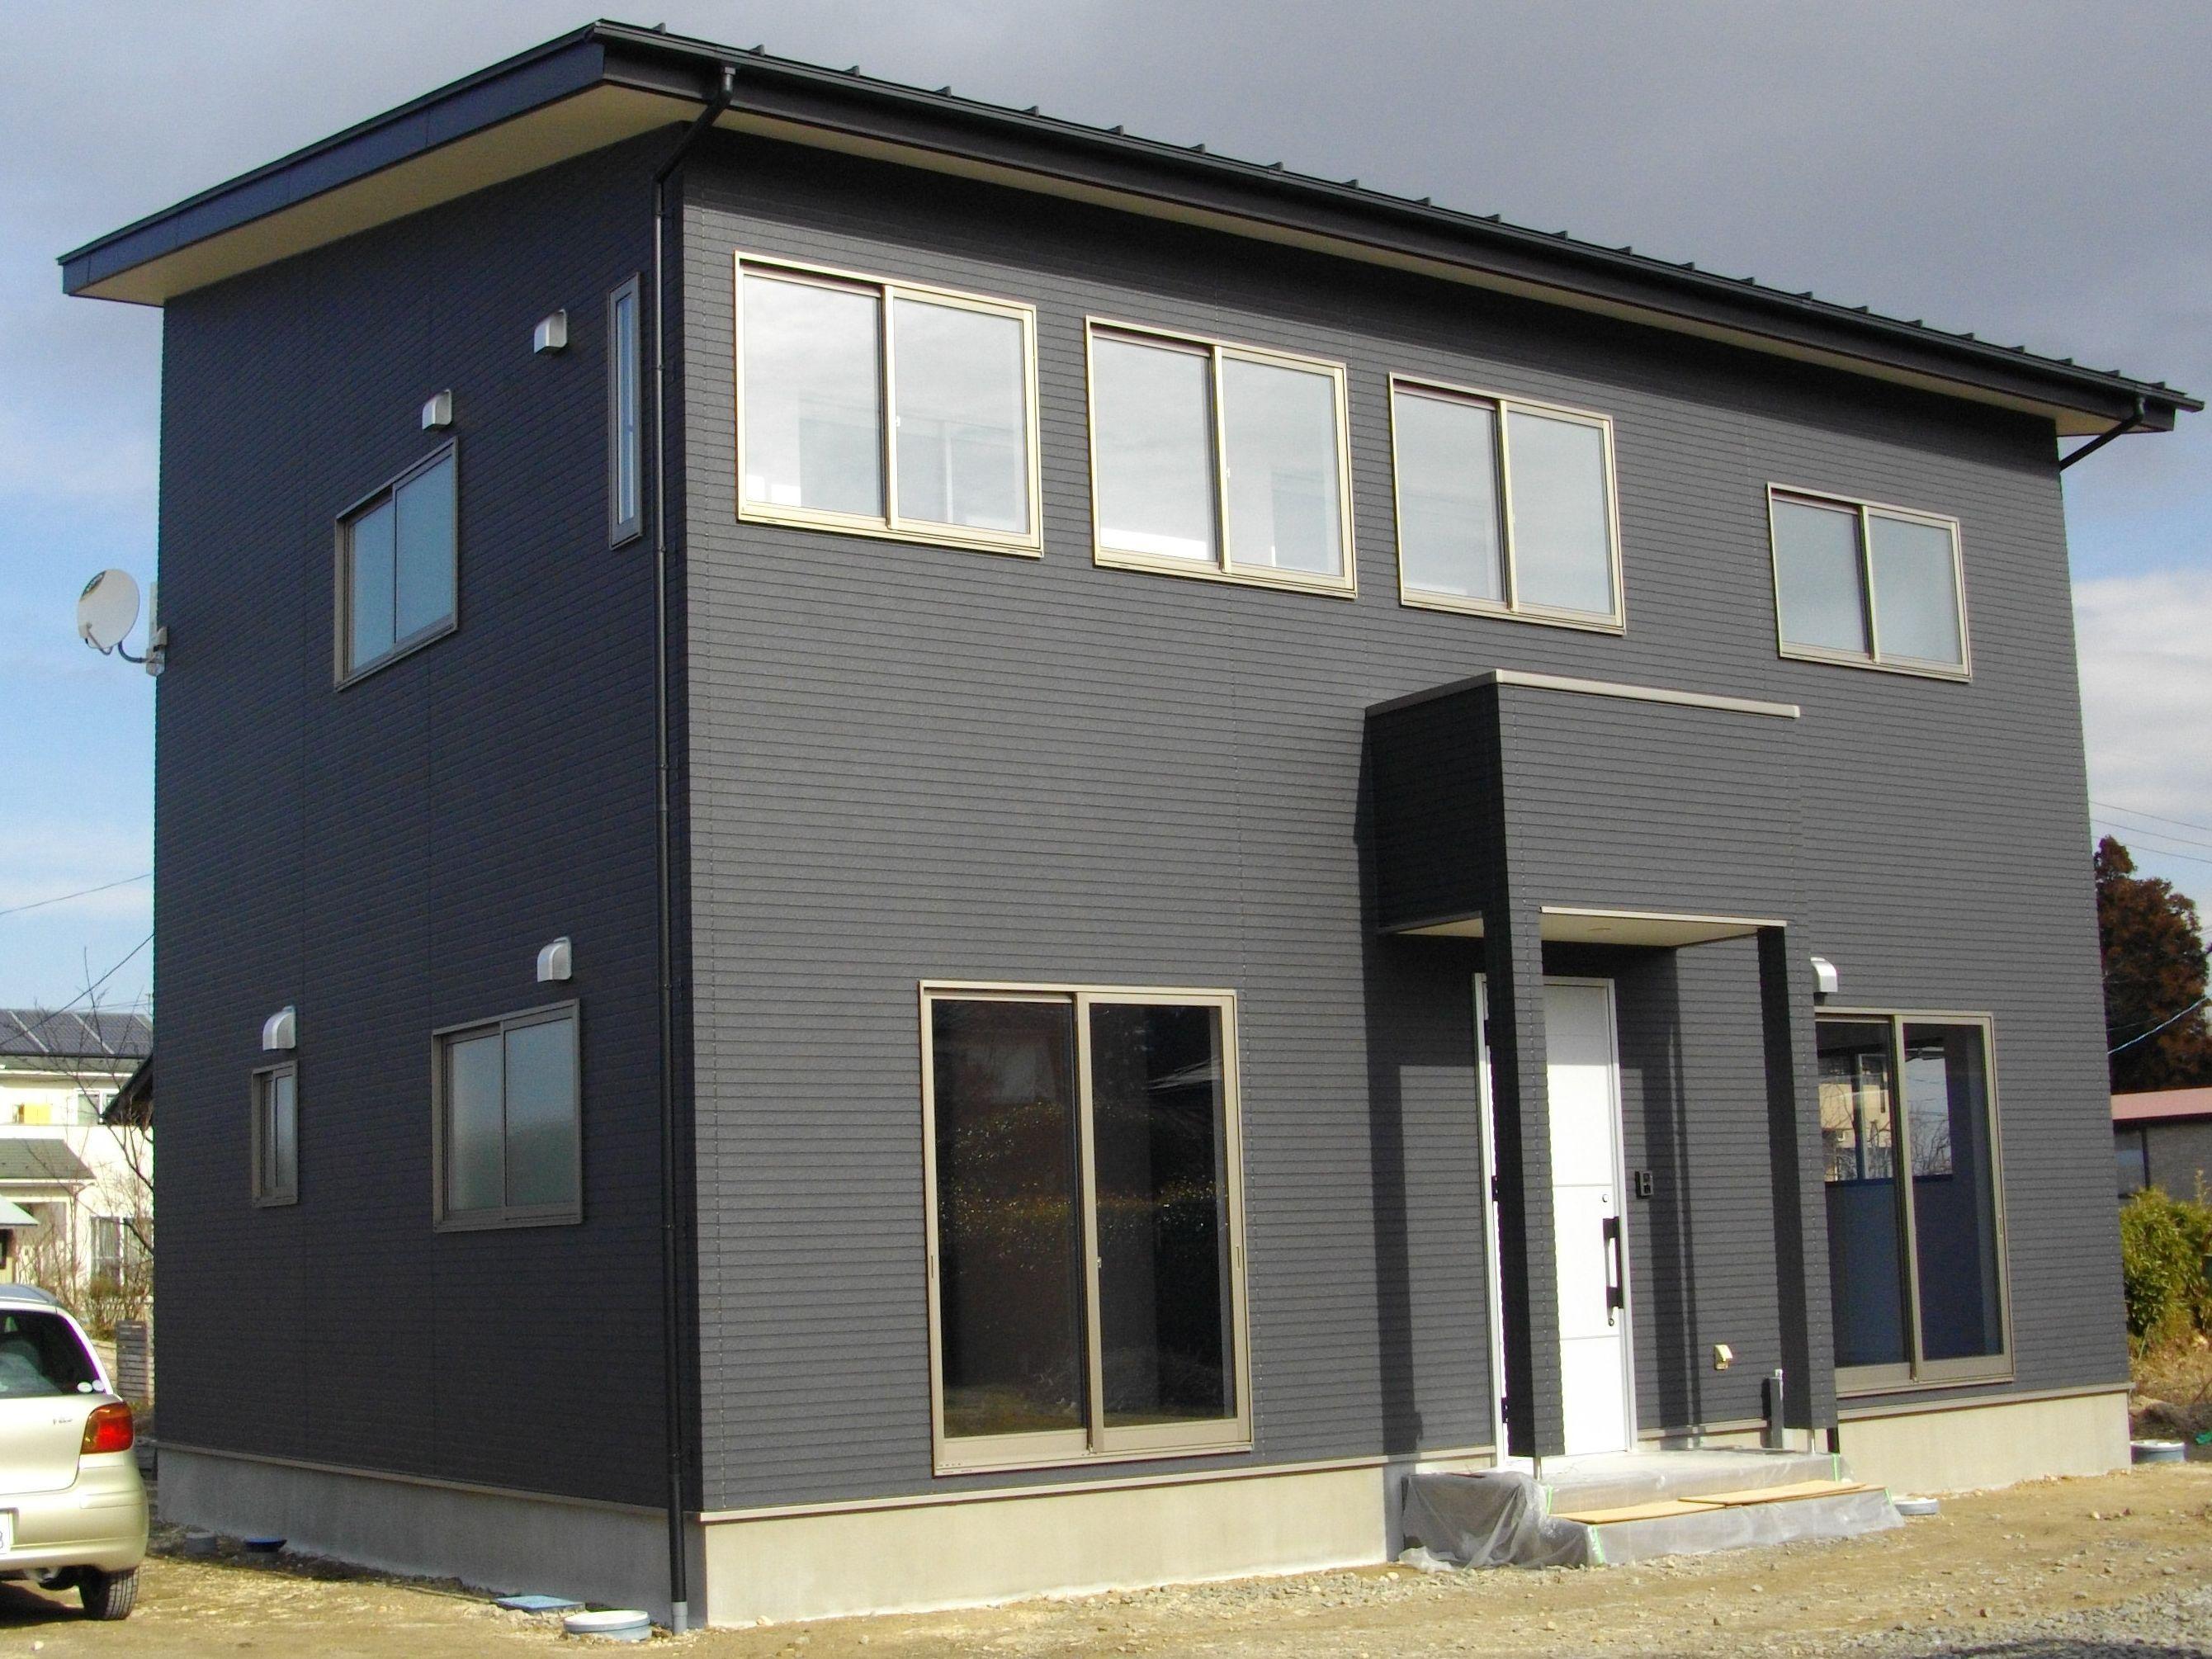 ベスト住宅 古川鶴ケ埣モデルハウス 全景